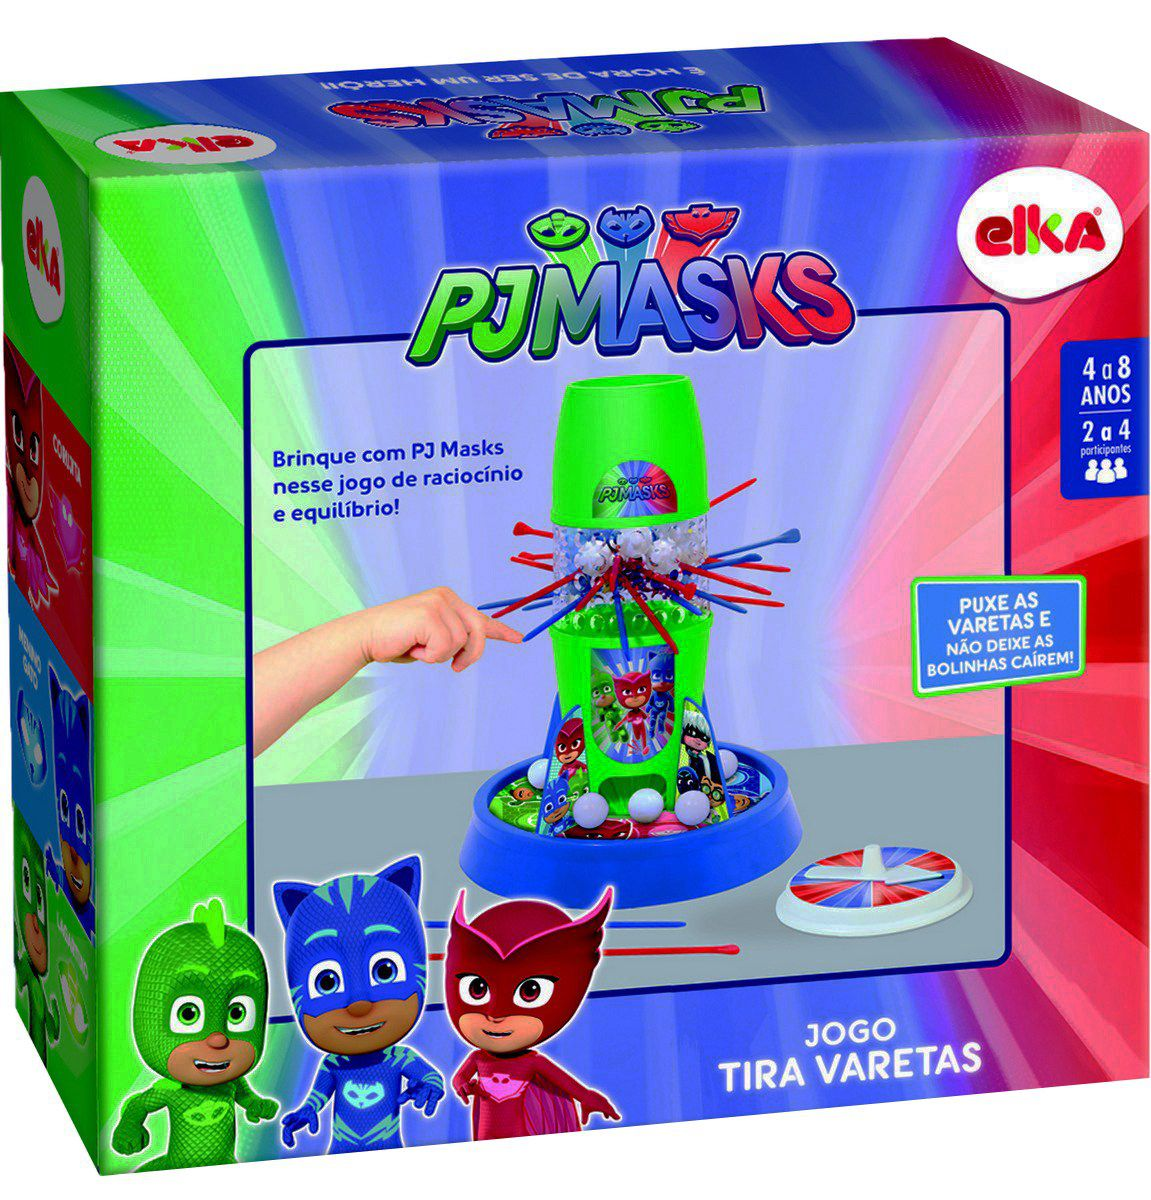 Jogo Tira Varetas Pj Masks Menino Menina Super Heróis Bolhas De Sabão Raciocínio Equilíbrio Brinquedo Elka